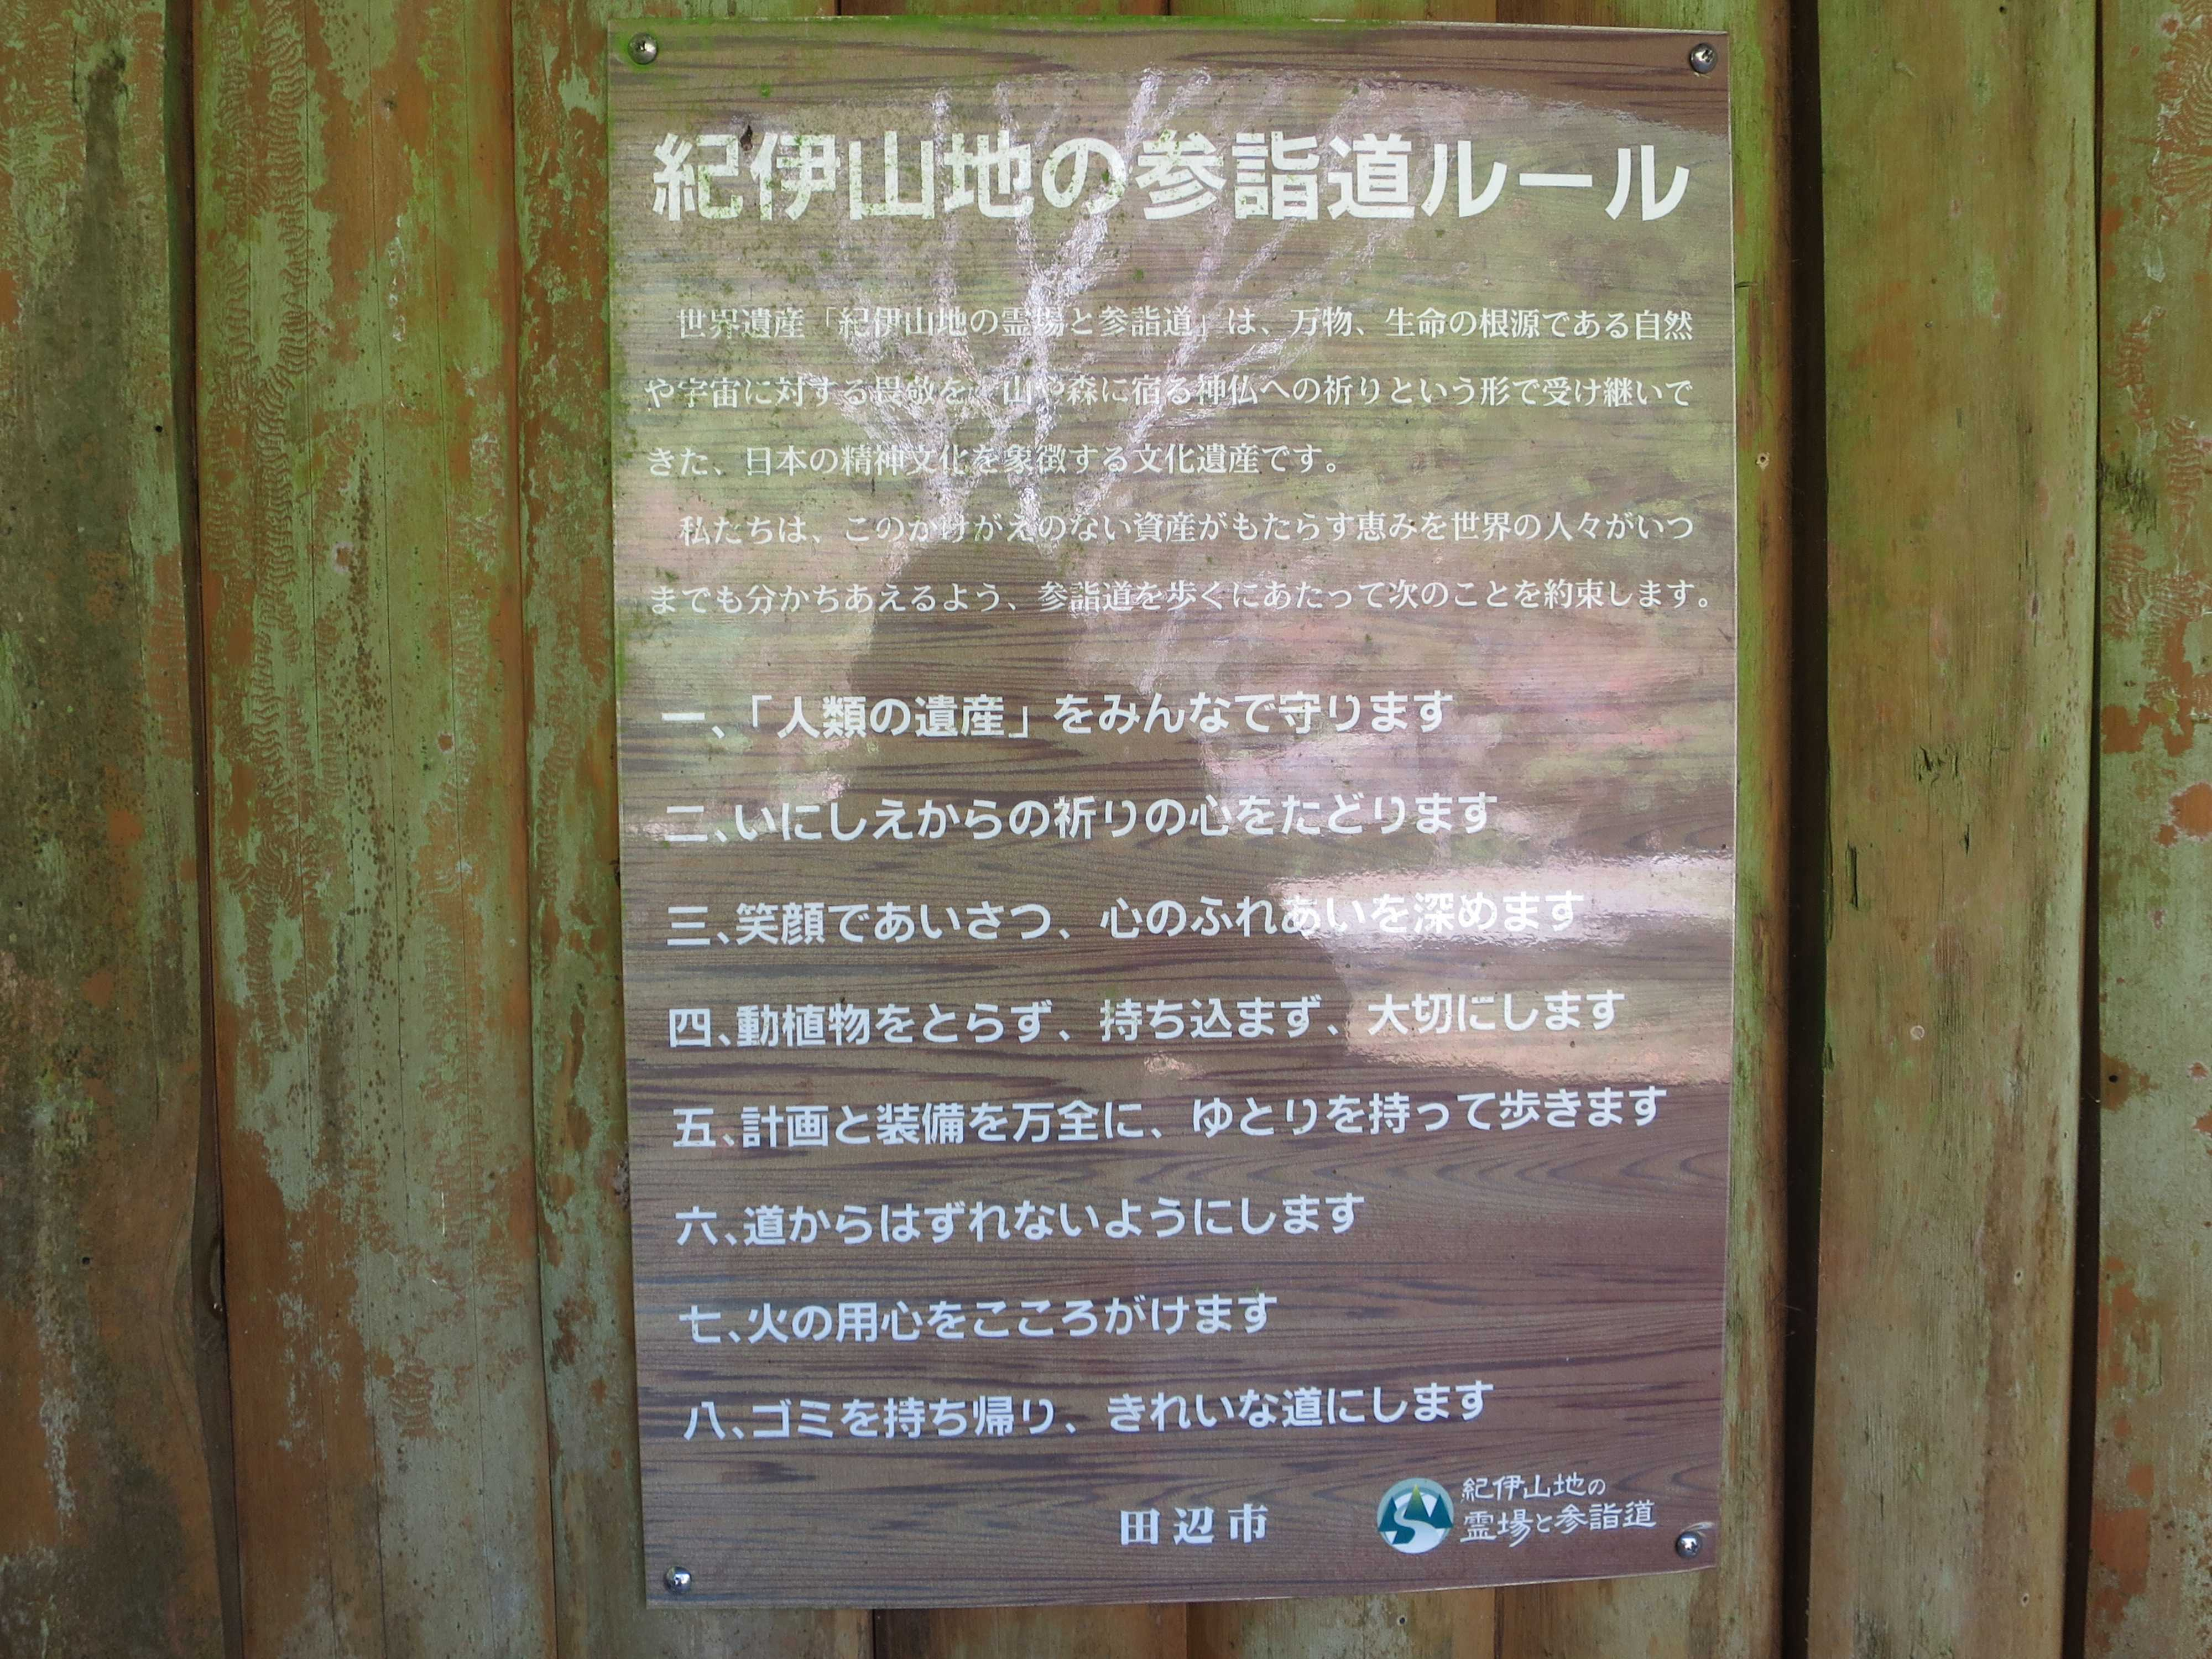 紀伊山地の参詣道ルール